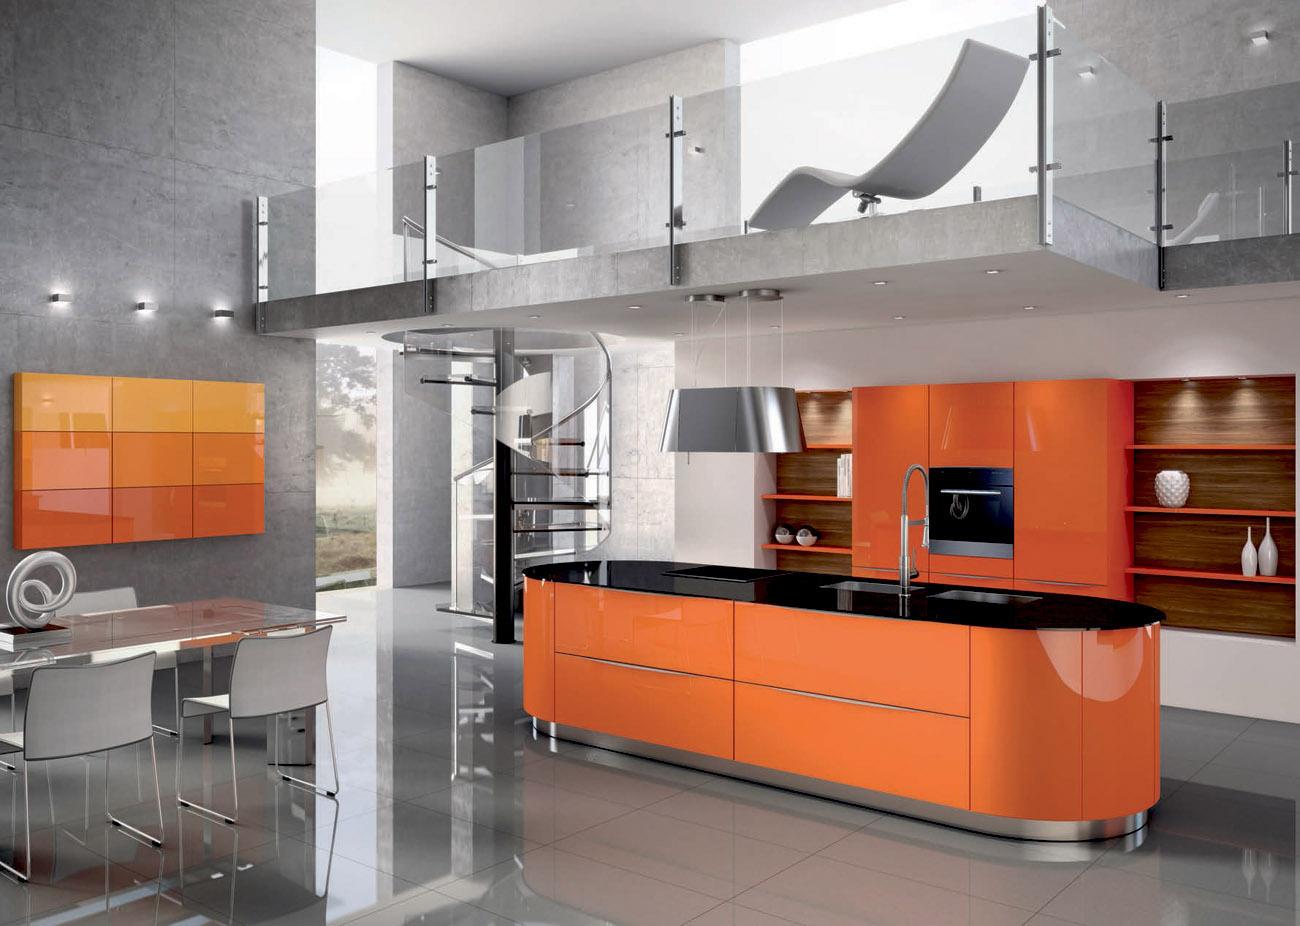 cuisine stormer 55 images photos eurl fargues jean claude menuisier nos diff rents. Black Bedroom Furniture Sets. Home Design Ideas